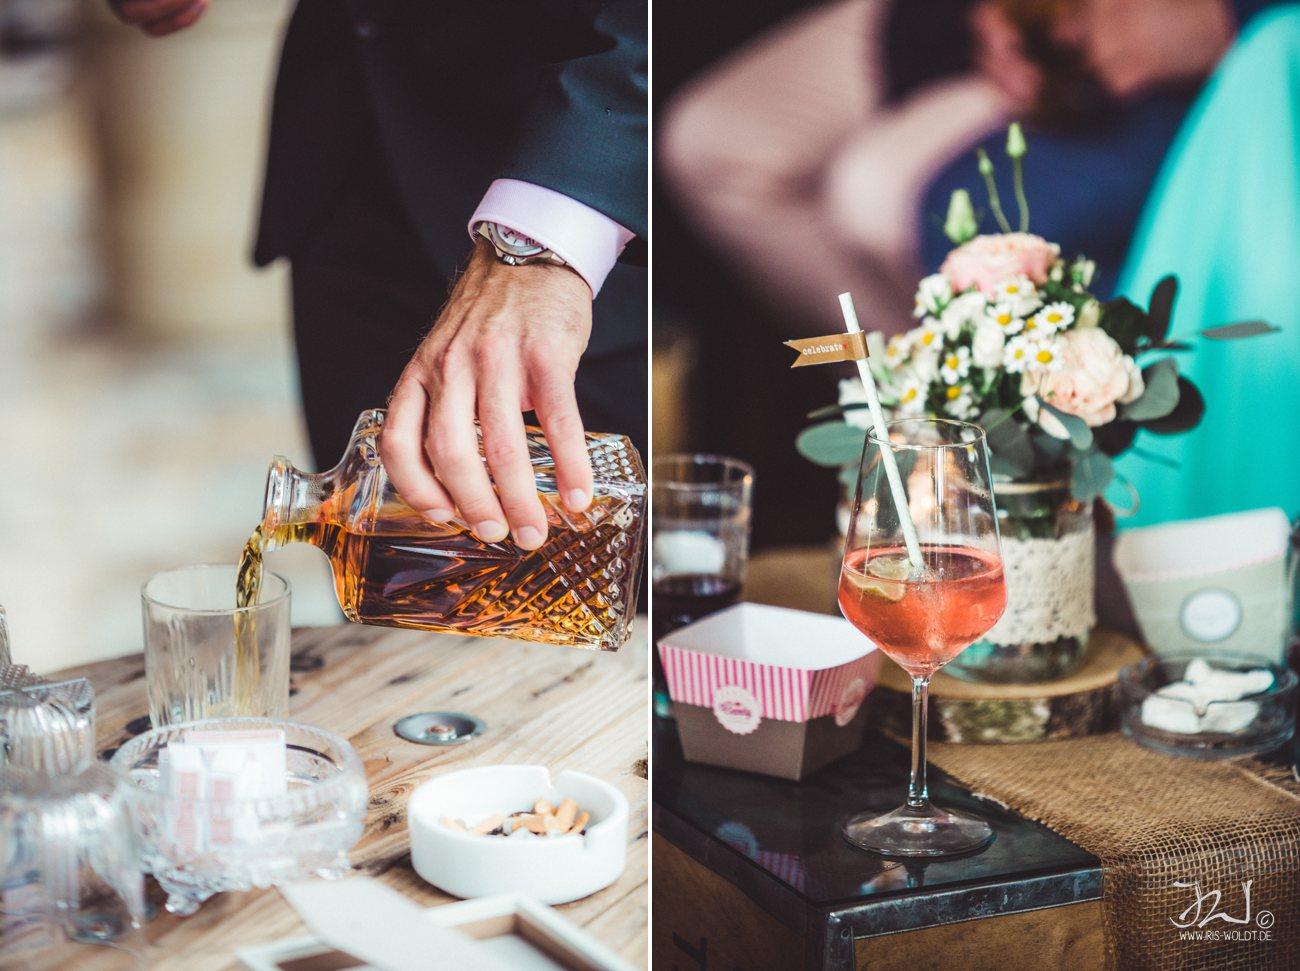 Hochzeitsfotograf_Altthymen_MuehleTornow_IrisWoldt 96